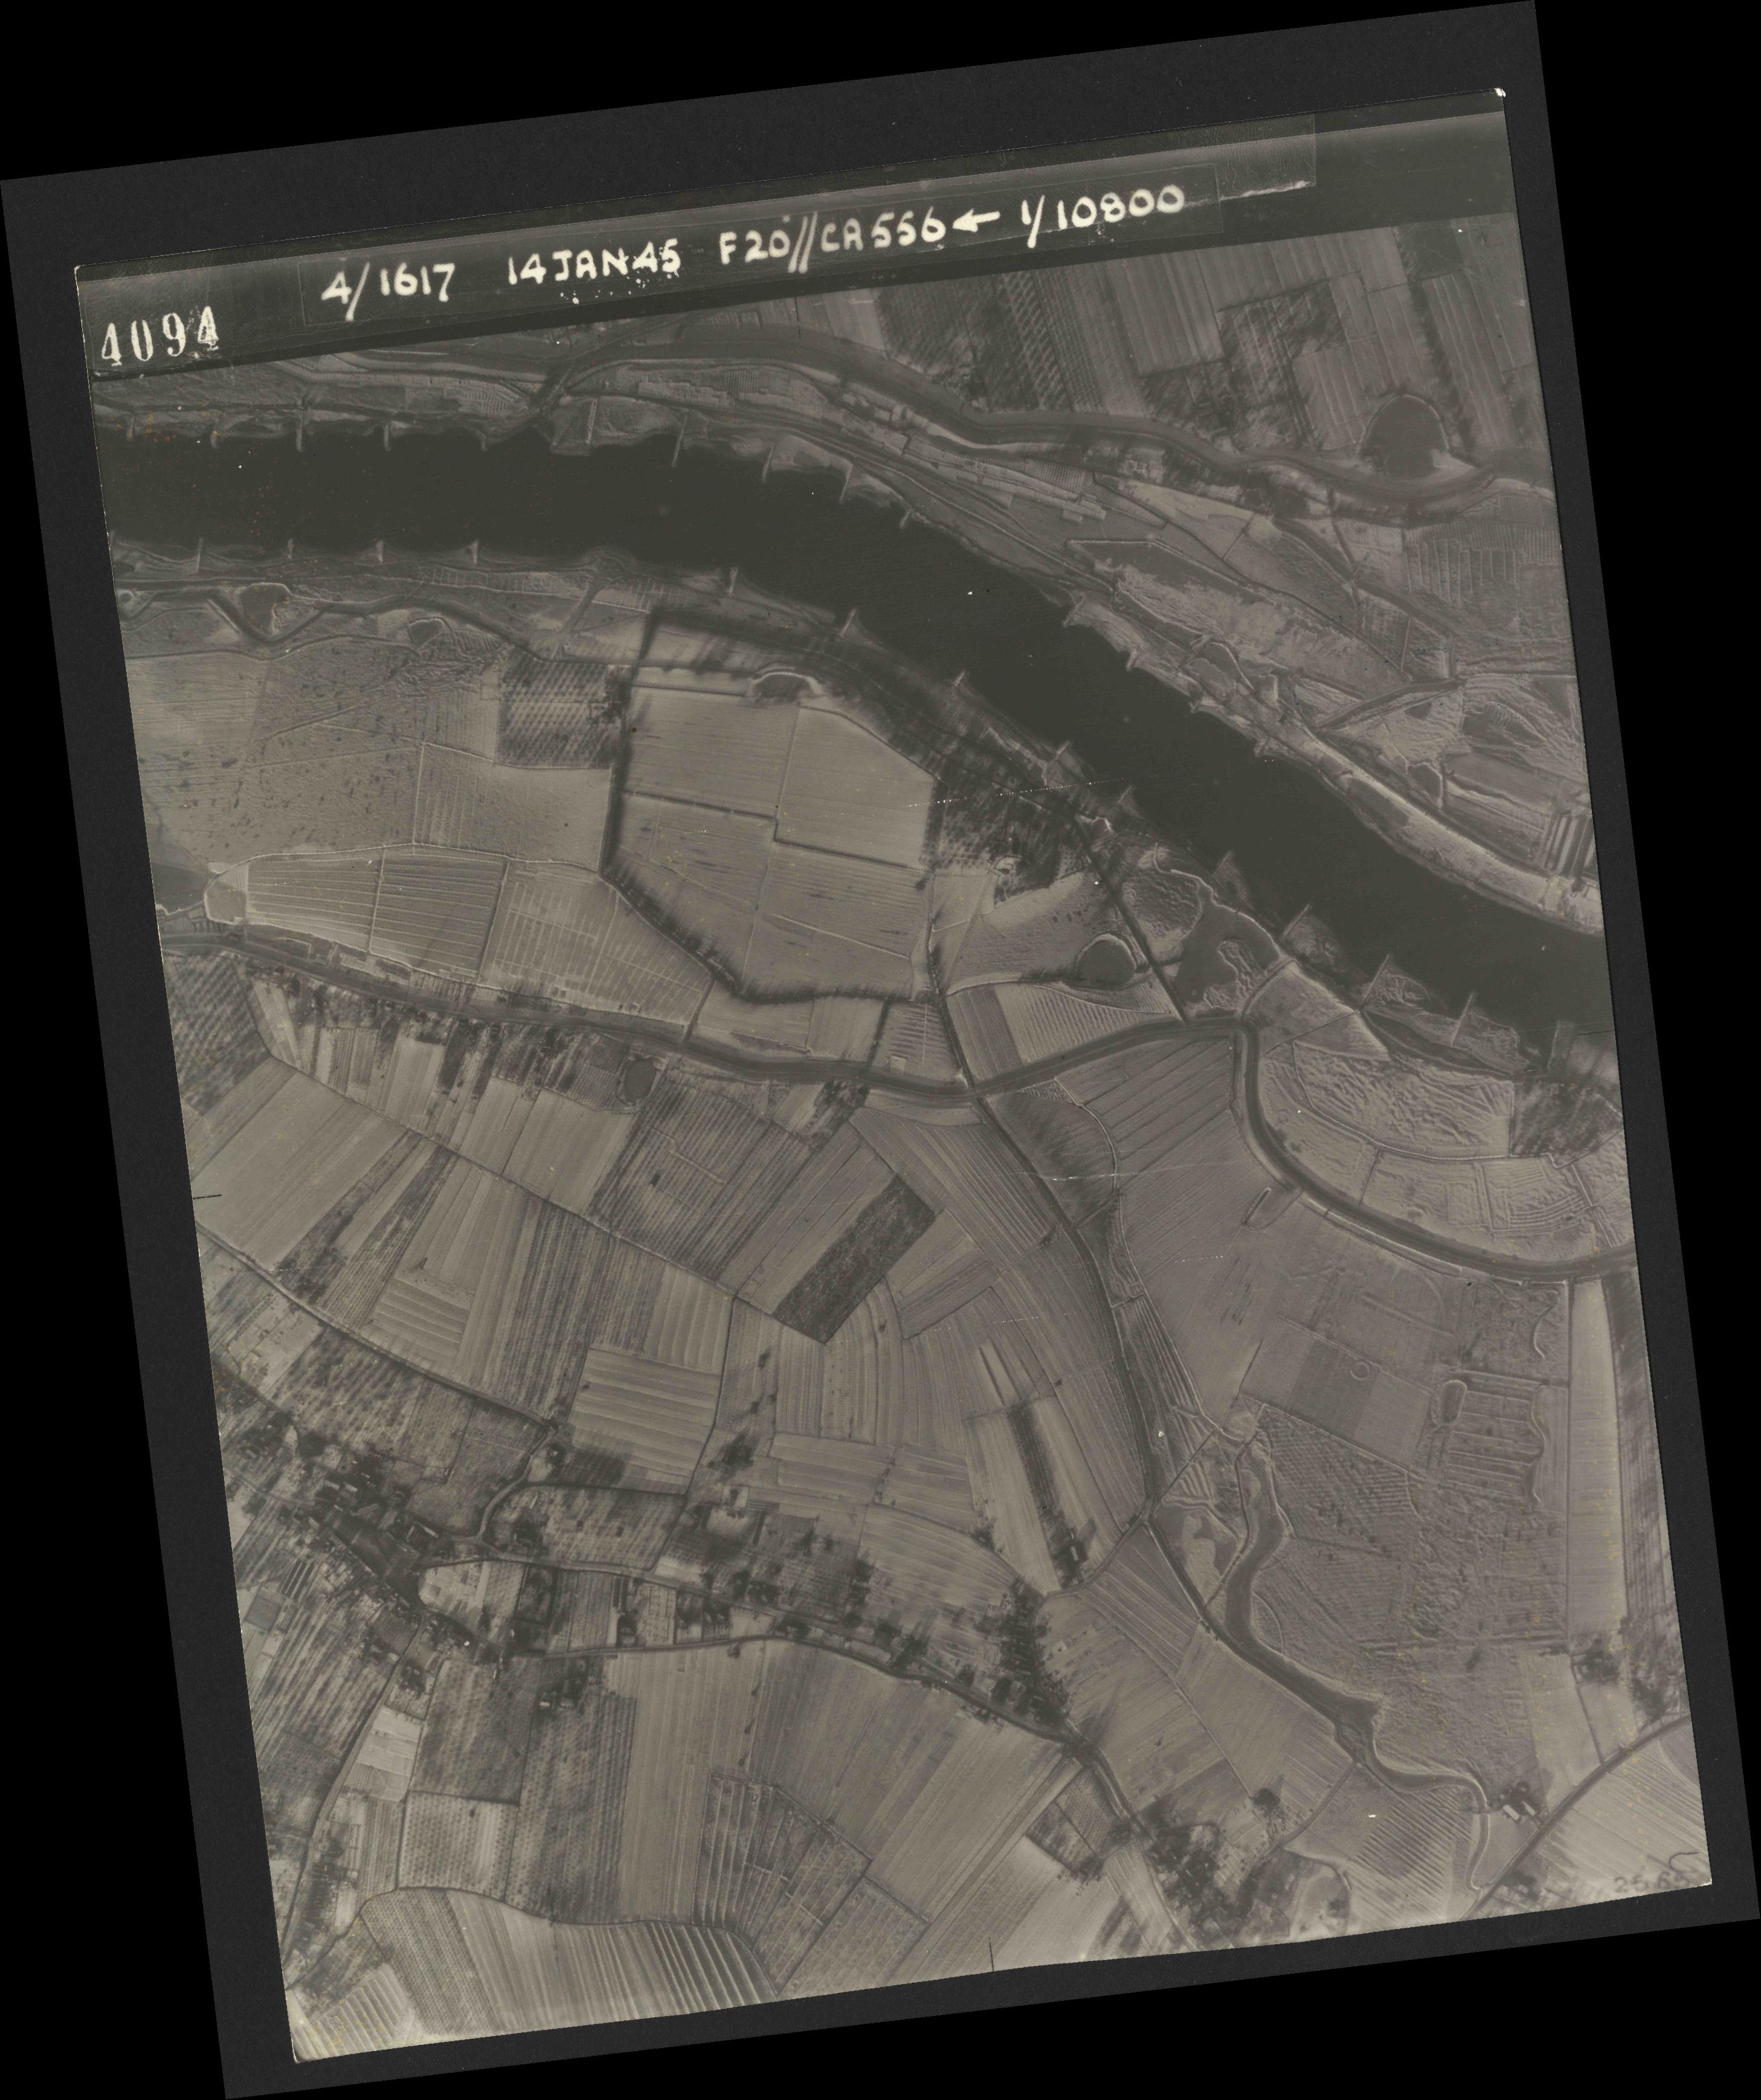 Collection RAF aerial photos 1940-1945 - flight 060, run 02, photo 4094